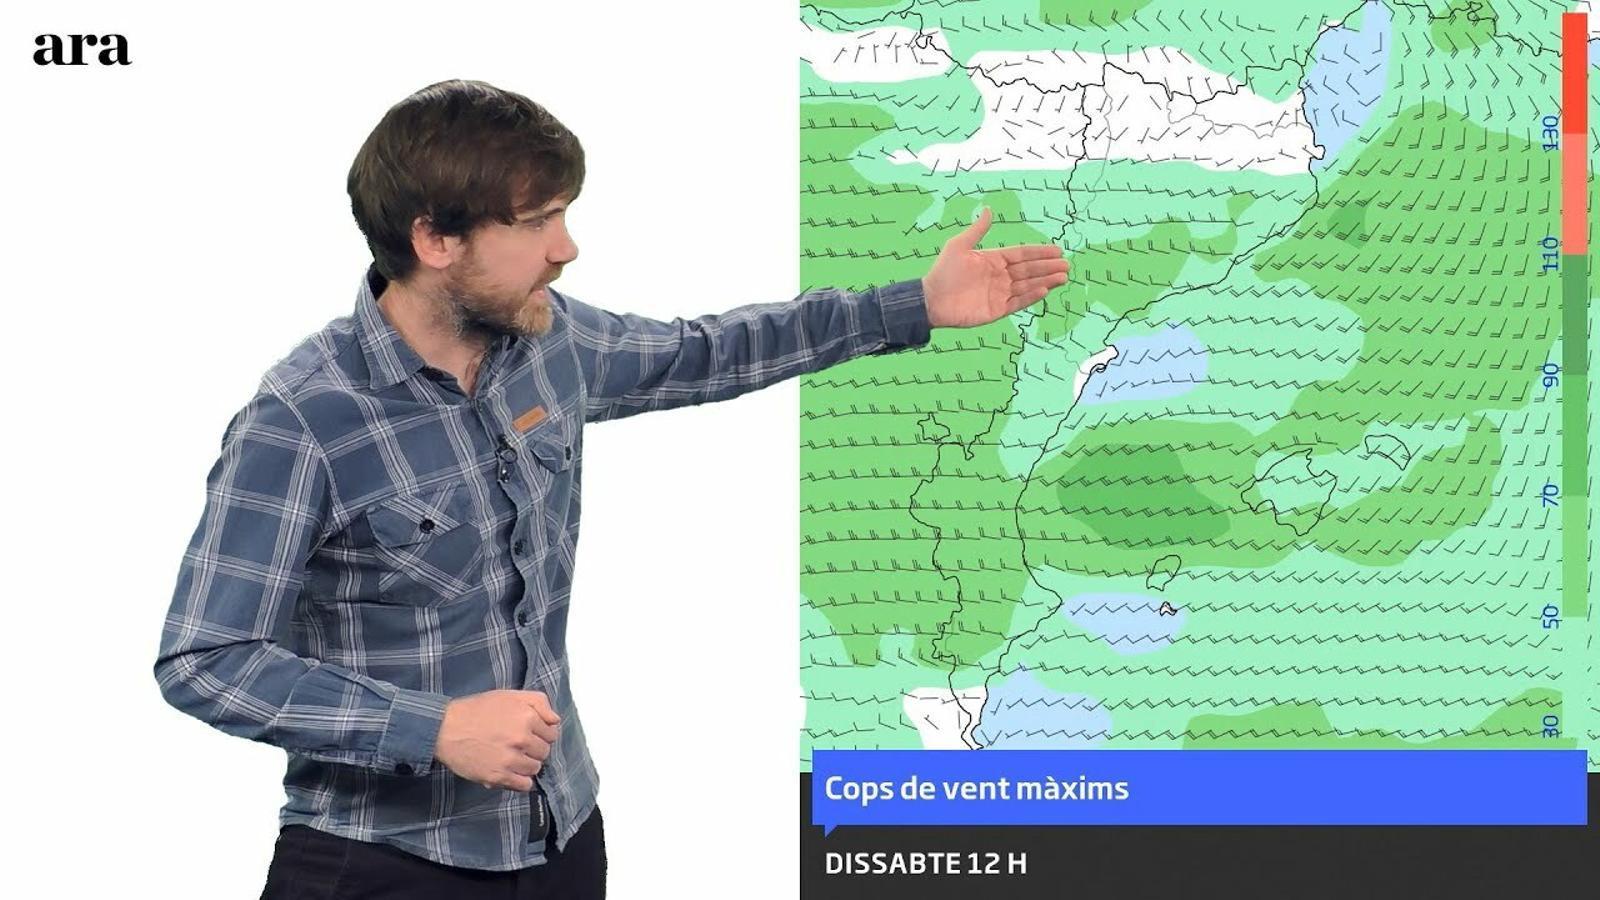 La méteo: vent i poc fred a l'espera d'una tongada de pluja i neu